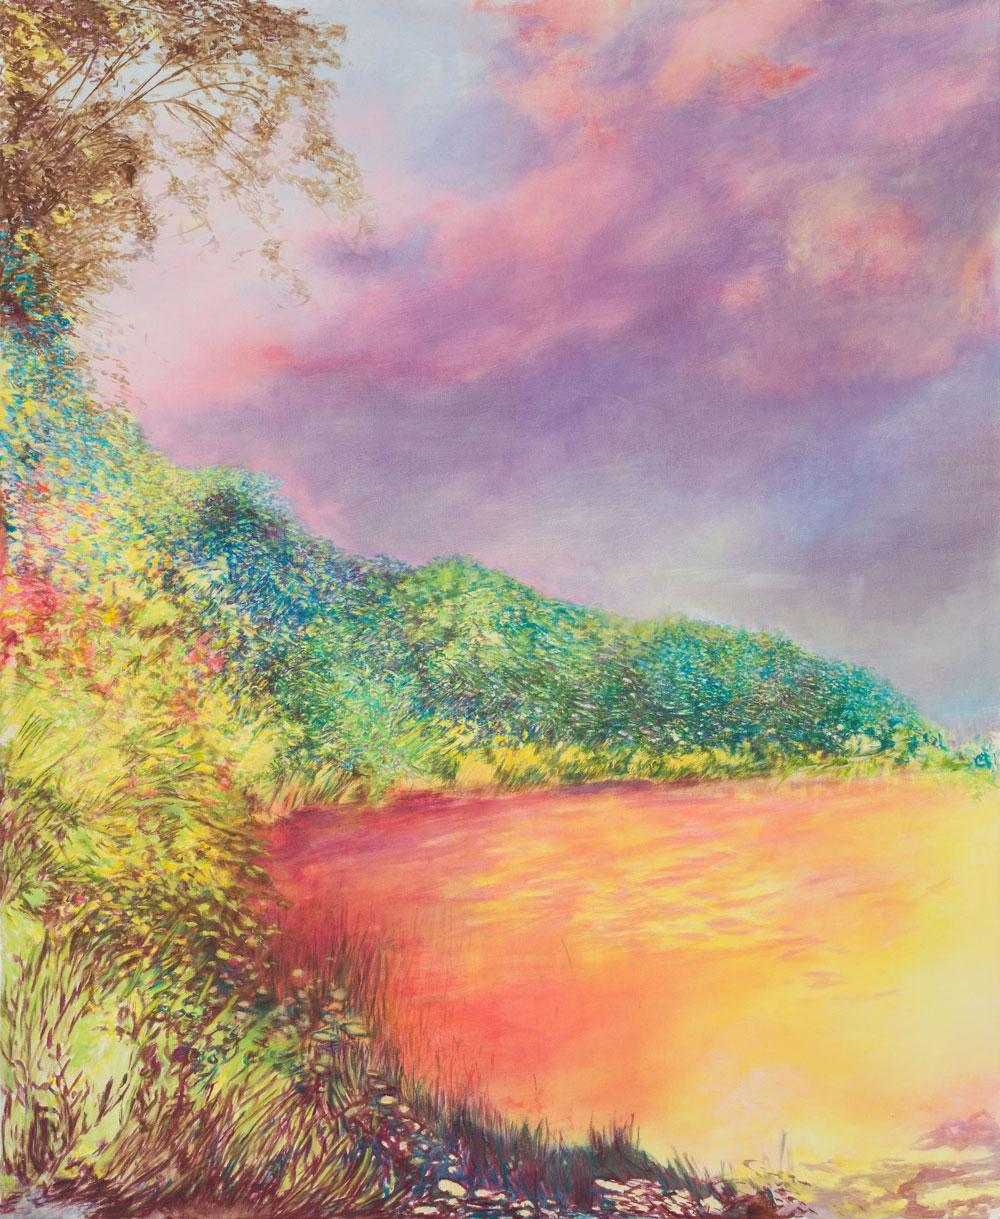 Ölbild. Ein blutrot leuchtender See umgeben von wild wuchernder Vegetation, die Farbigkeit irreell und wie vor oder nach dem Knall